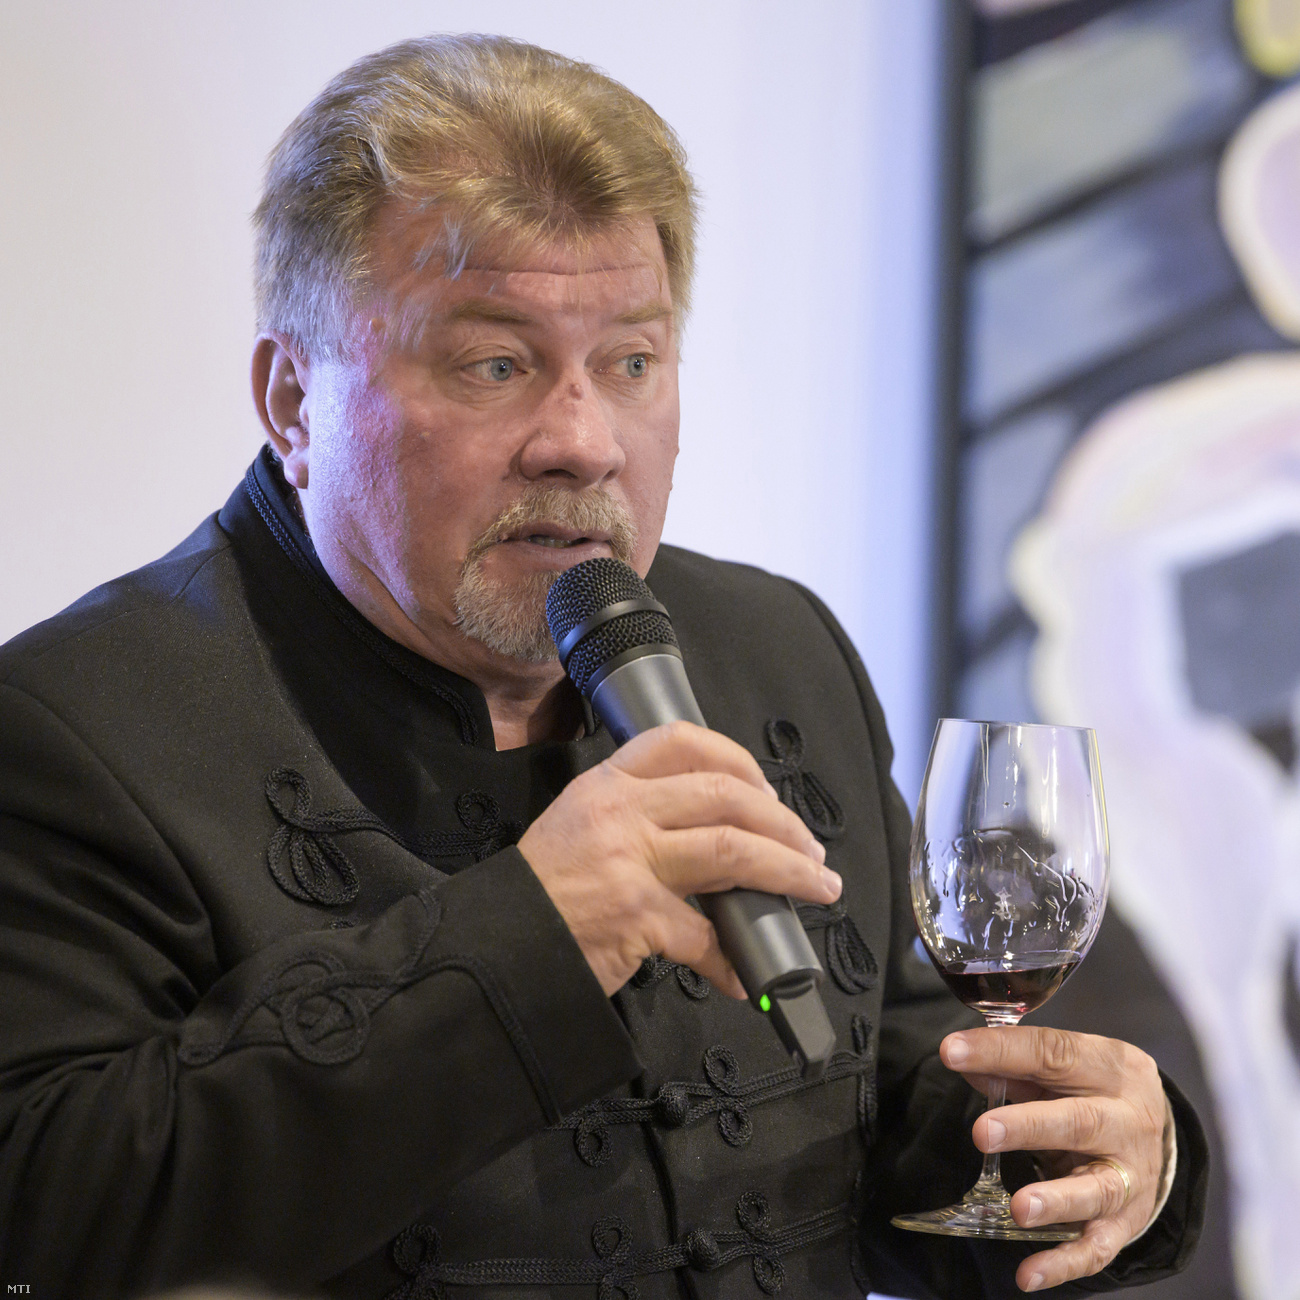 A kolozsvári születésű Balla Géza nyerte a 28. Év bortermelője Magyarországon címet